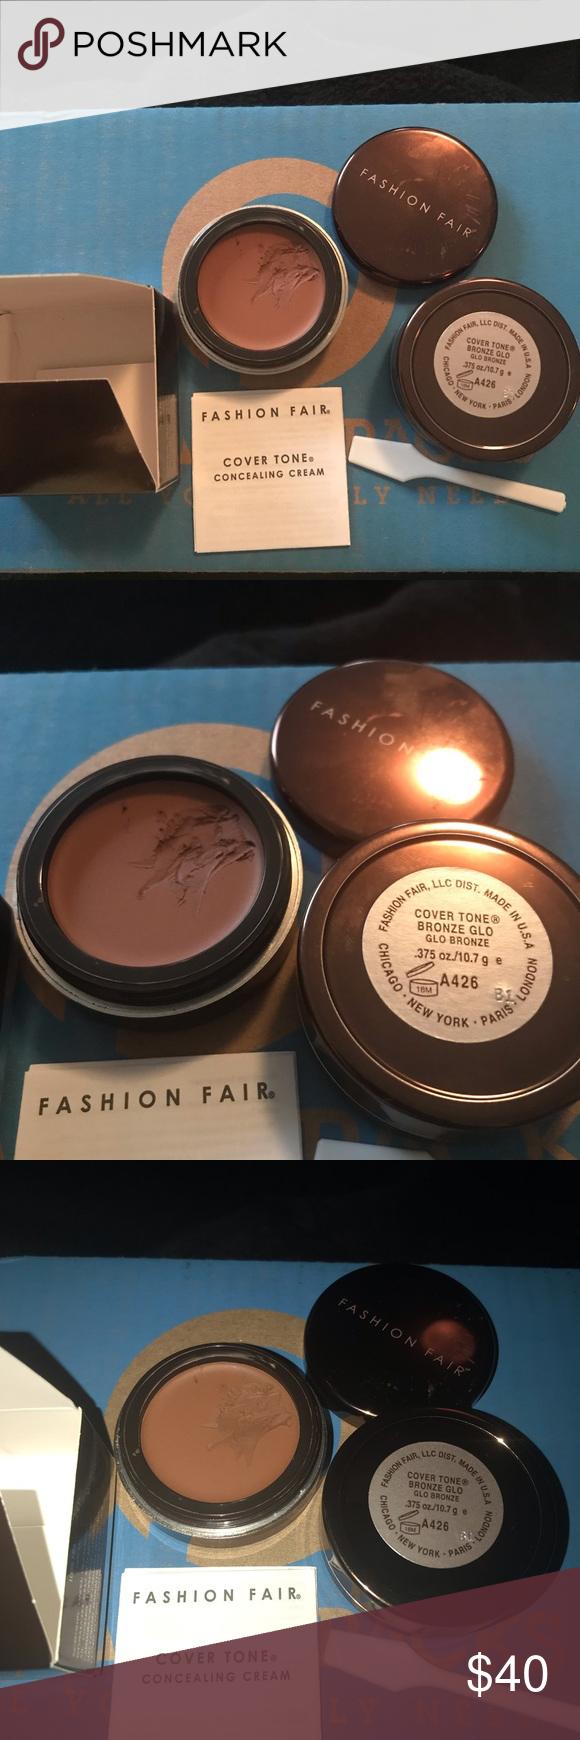 Fashion Fair Concealing Crème Bronze Glo 1 Fashion Fair